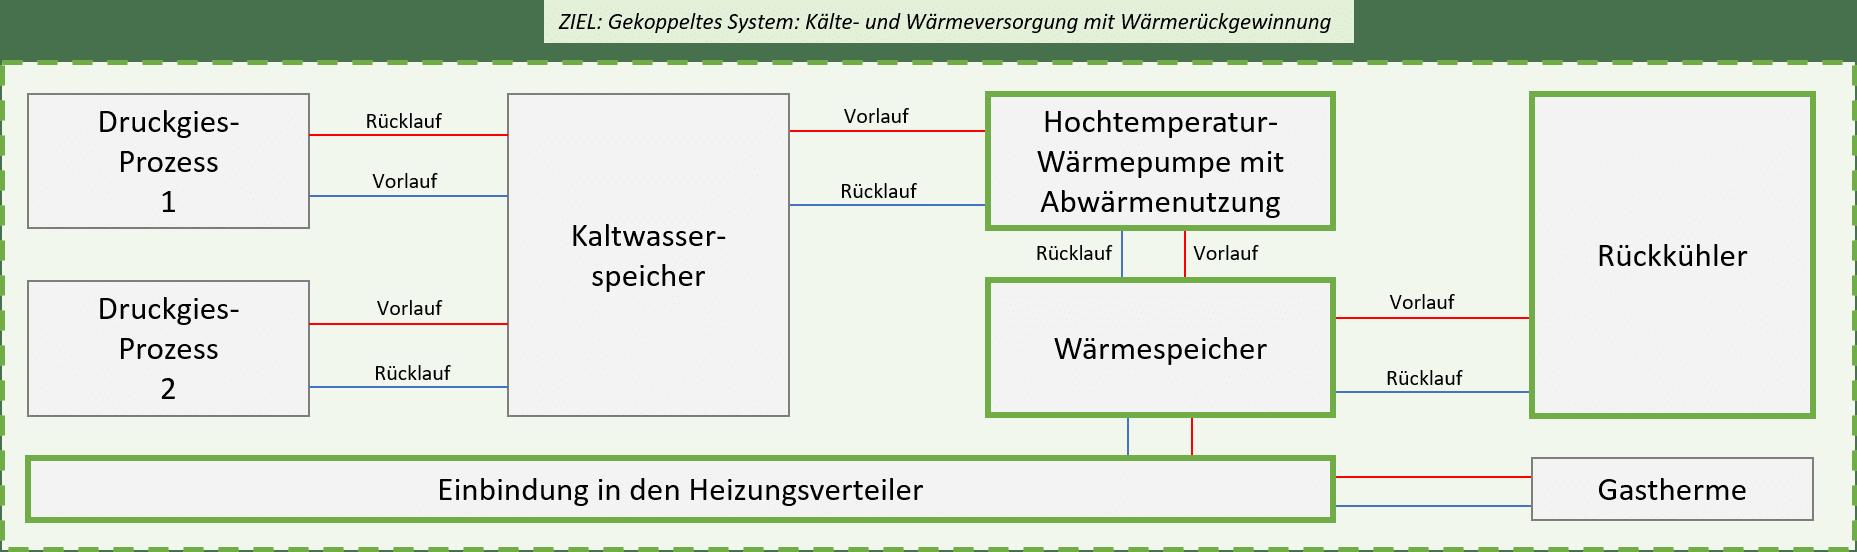 Gekoppeltes System mit CO2-Hochtemperatur-Wärmepumpe